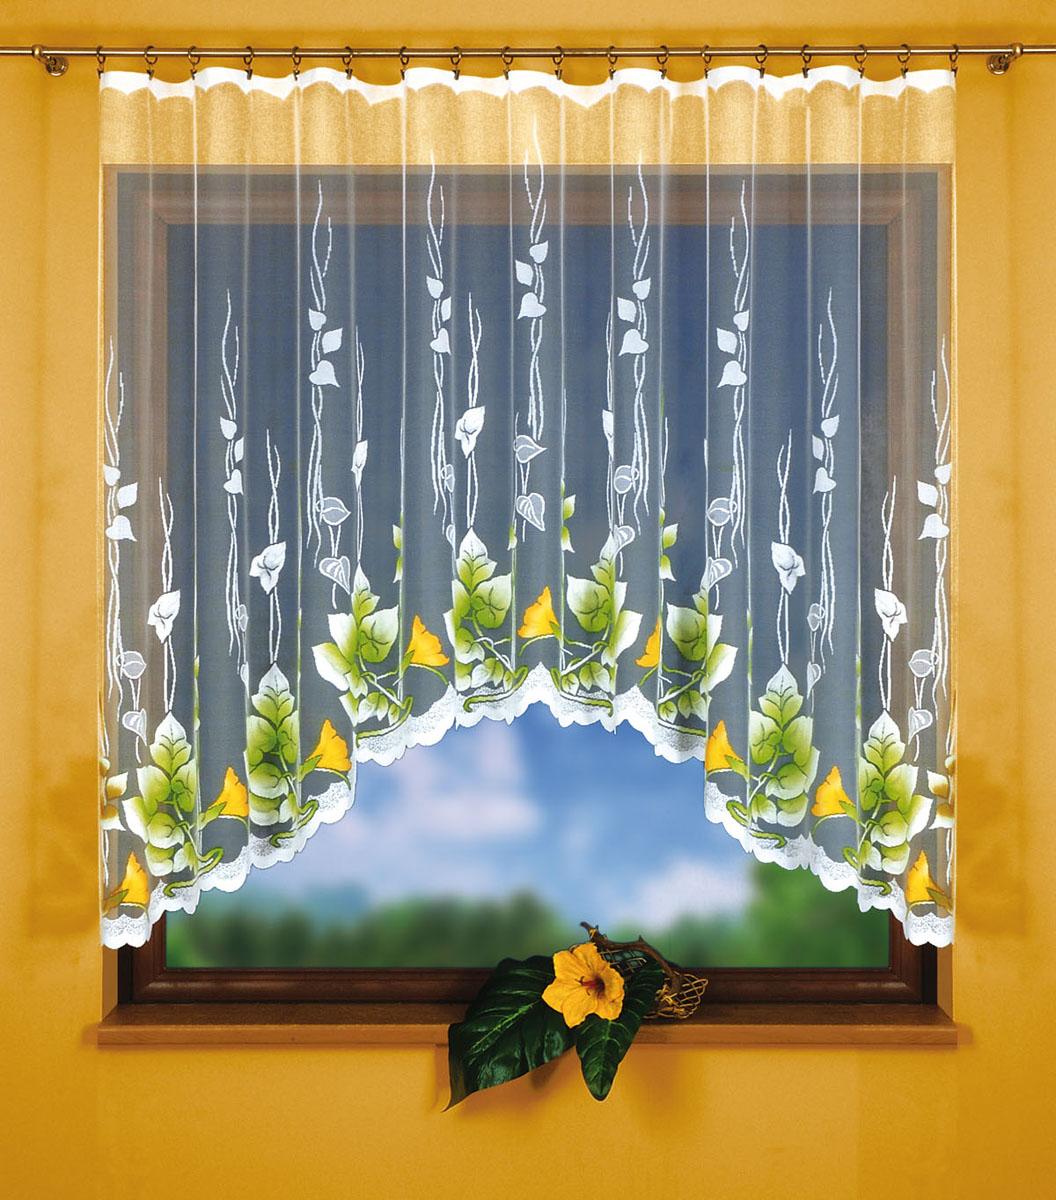 Штора для кухни Wisan, на ленте, цвет: белый, желтый, зеленый, высота 150 см. 9243K100Штора Wisan, выполненная из легкого полупрозрачного полиэстера белого цвета, станет великолепным украшением кухонного окна. Изделие имеет ассиметричную длину и красивый яркий цветочный рисунок по краю. Качественный материал и оригинальный дизайн привлекут к себе внимание и позволят шторе органично вписаться в интерьер помещения. Штора оснащена шторной лентой под зажимы для крепления на карниз.